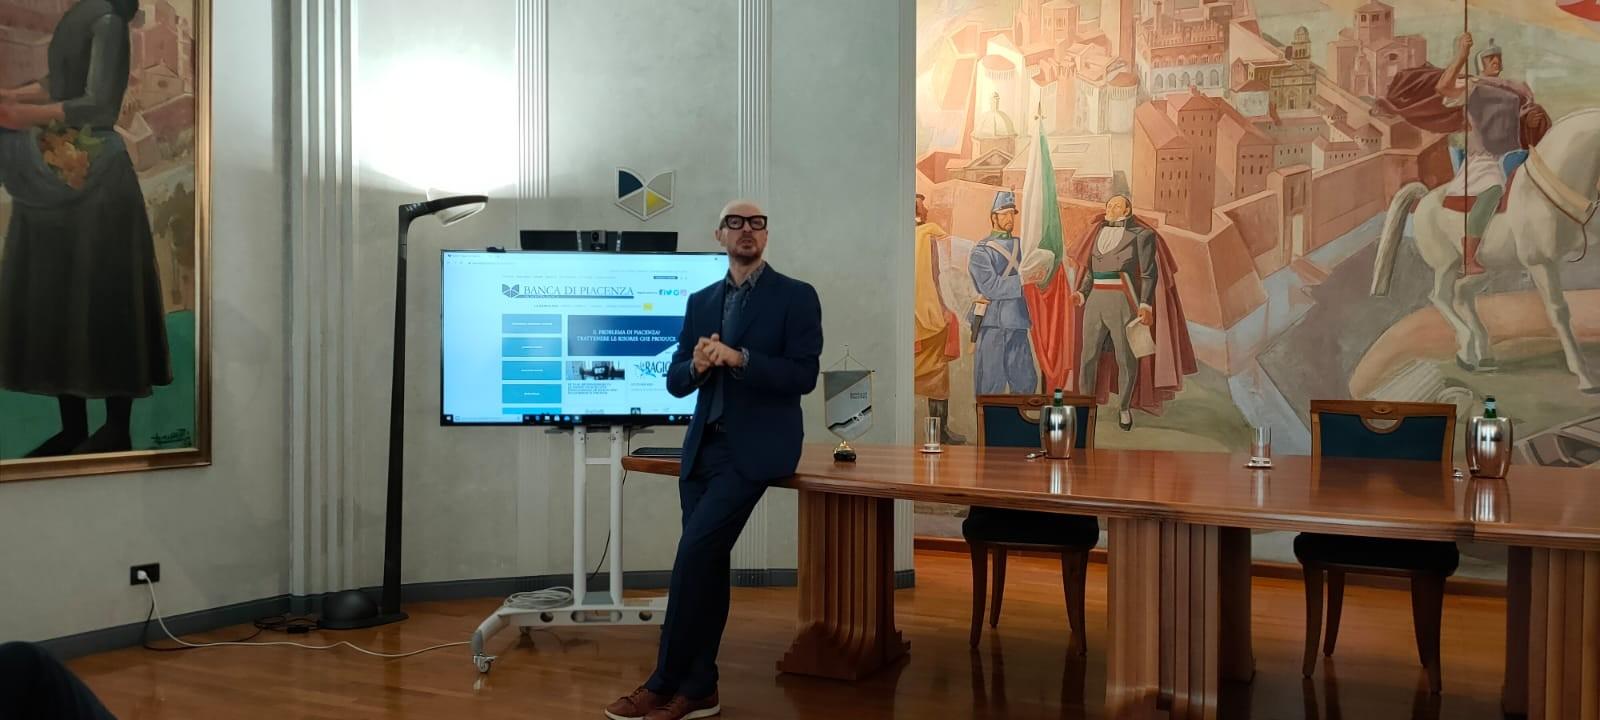 Presentazione-Spot-banca-Piacenza_5